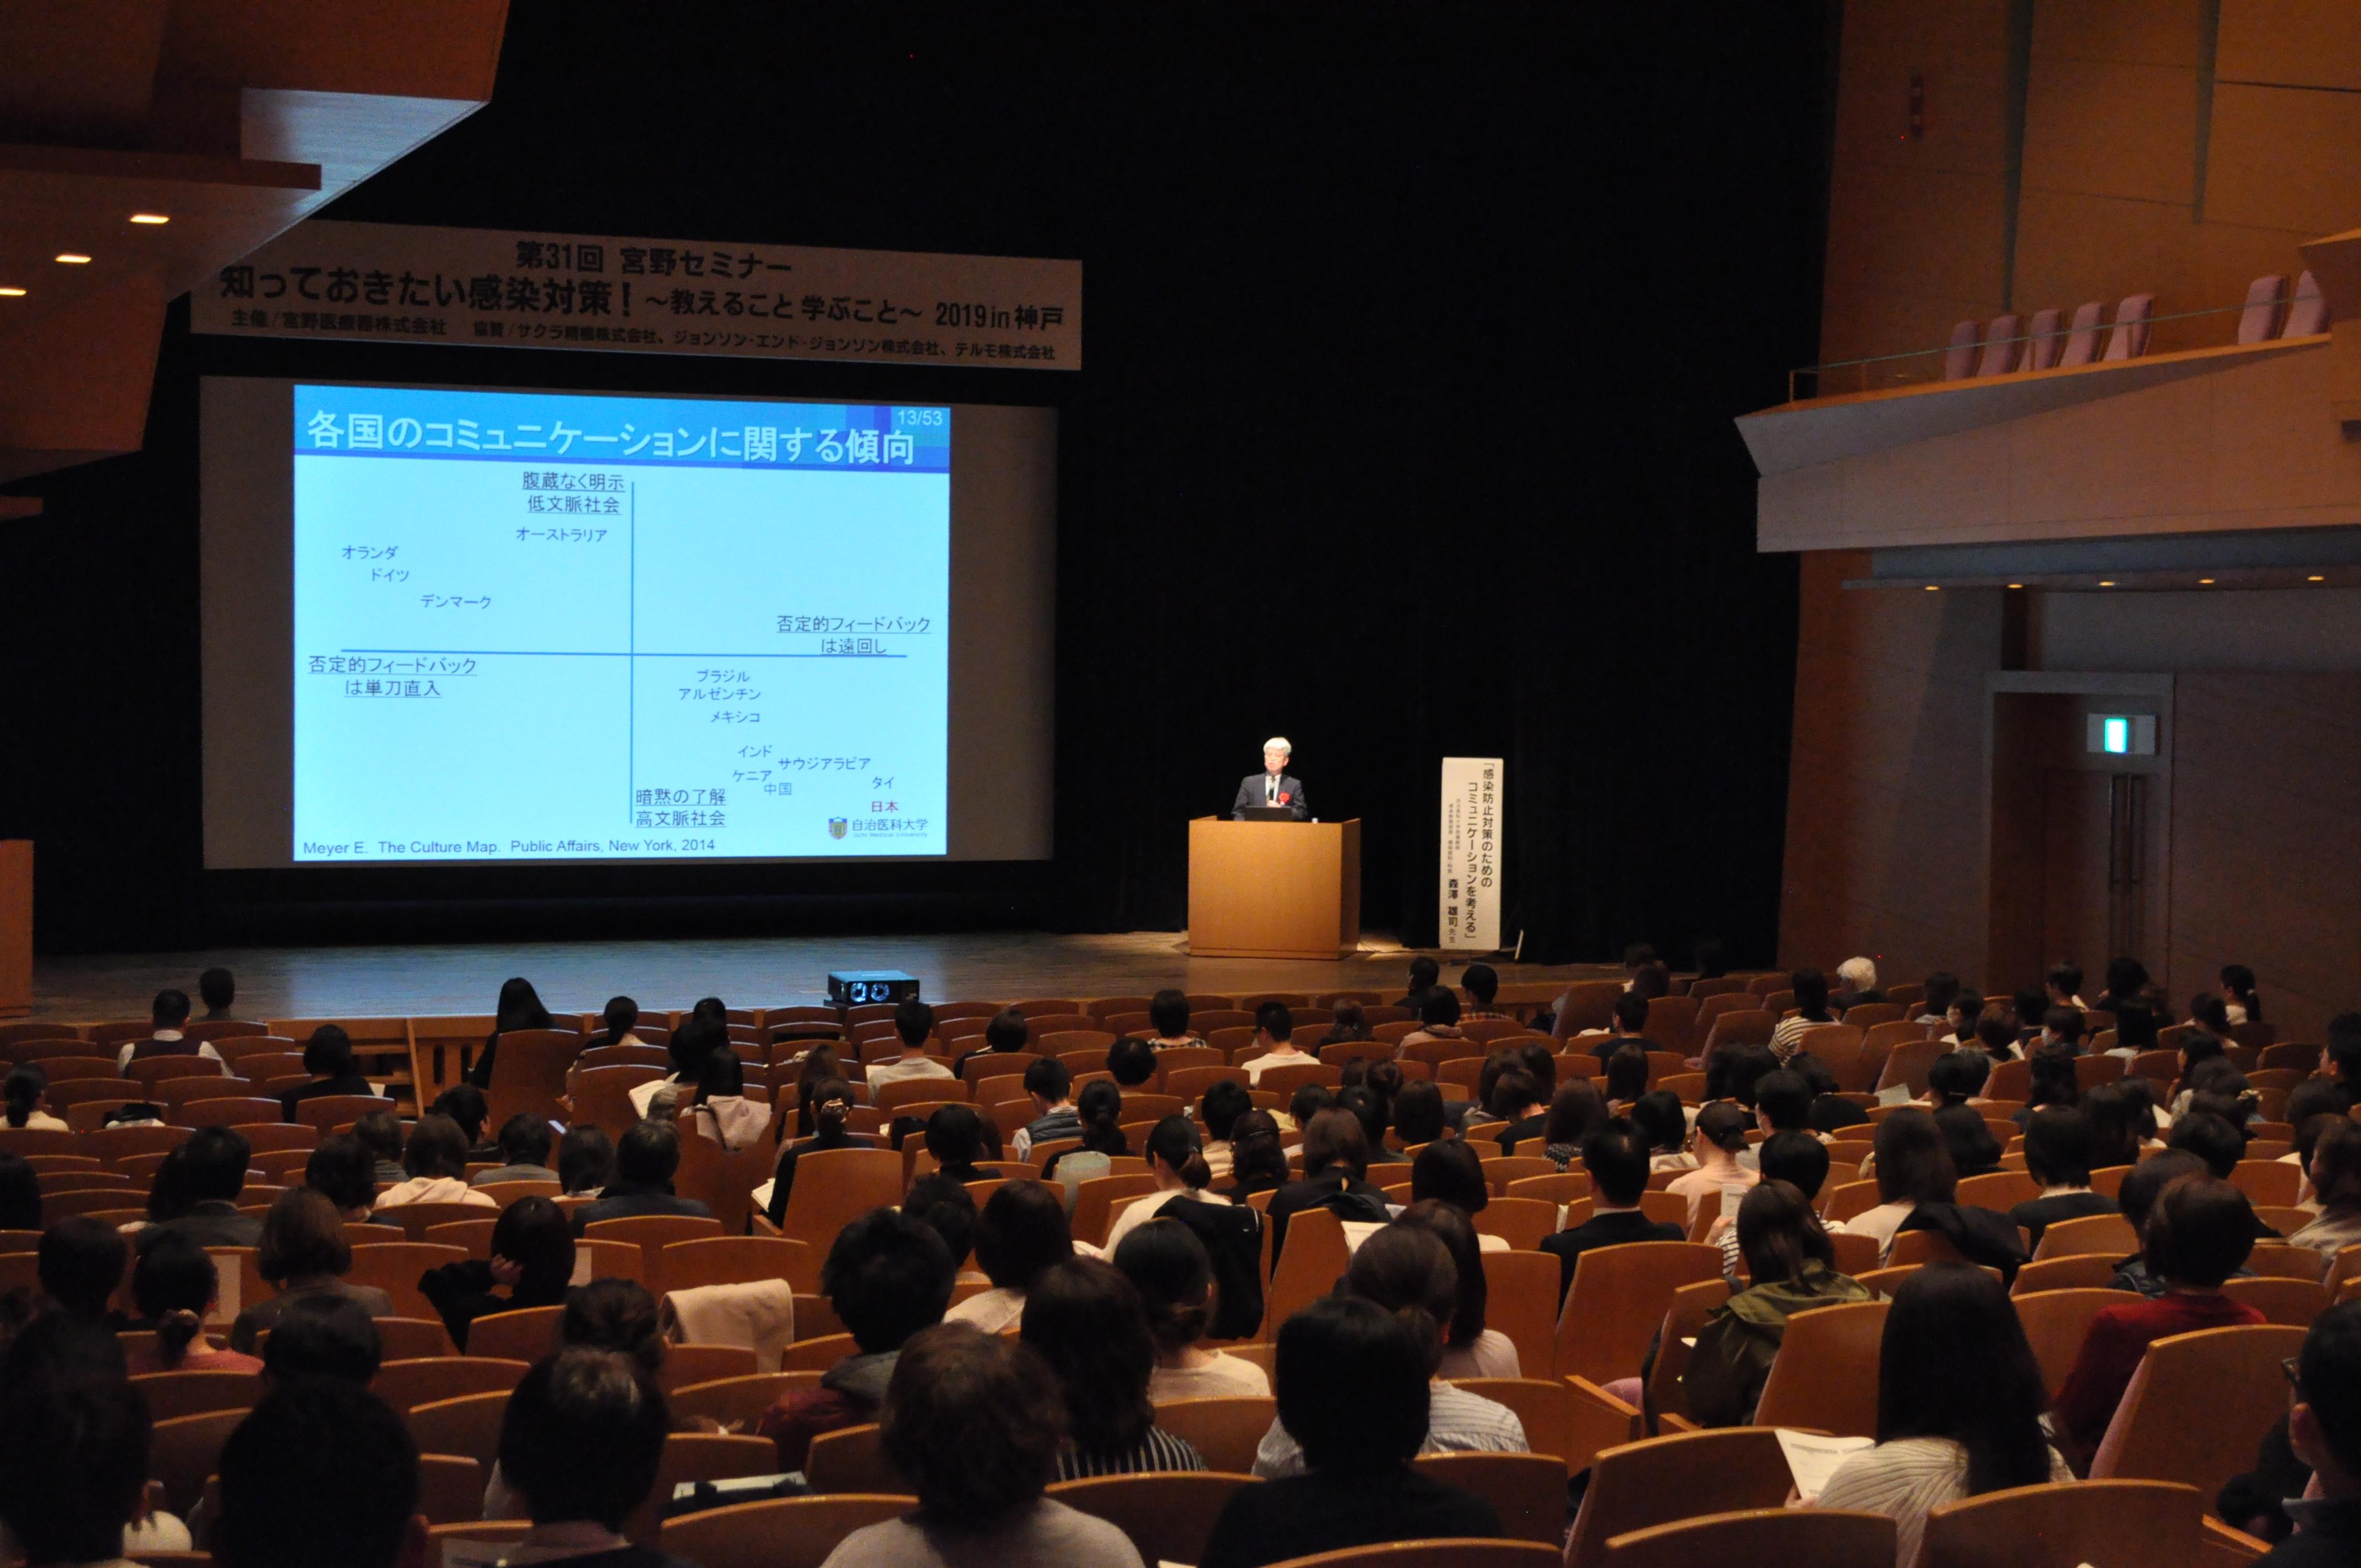 「第31回 宮野セミナー 知っておきたい感染対策 ~教えること 学ぶこと~ 2019 in 神戸」開催のお知らせ